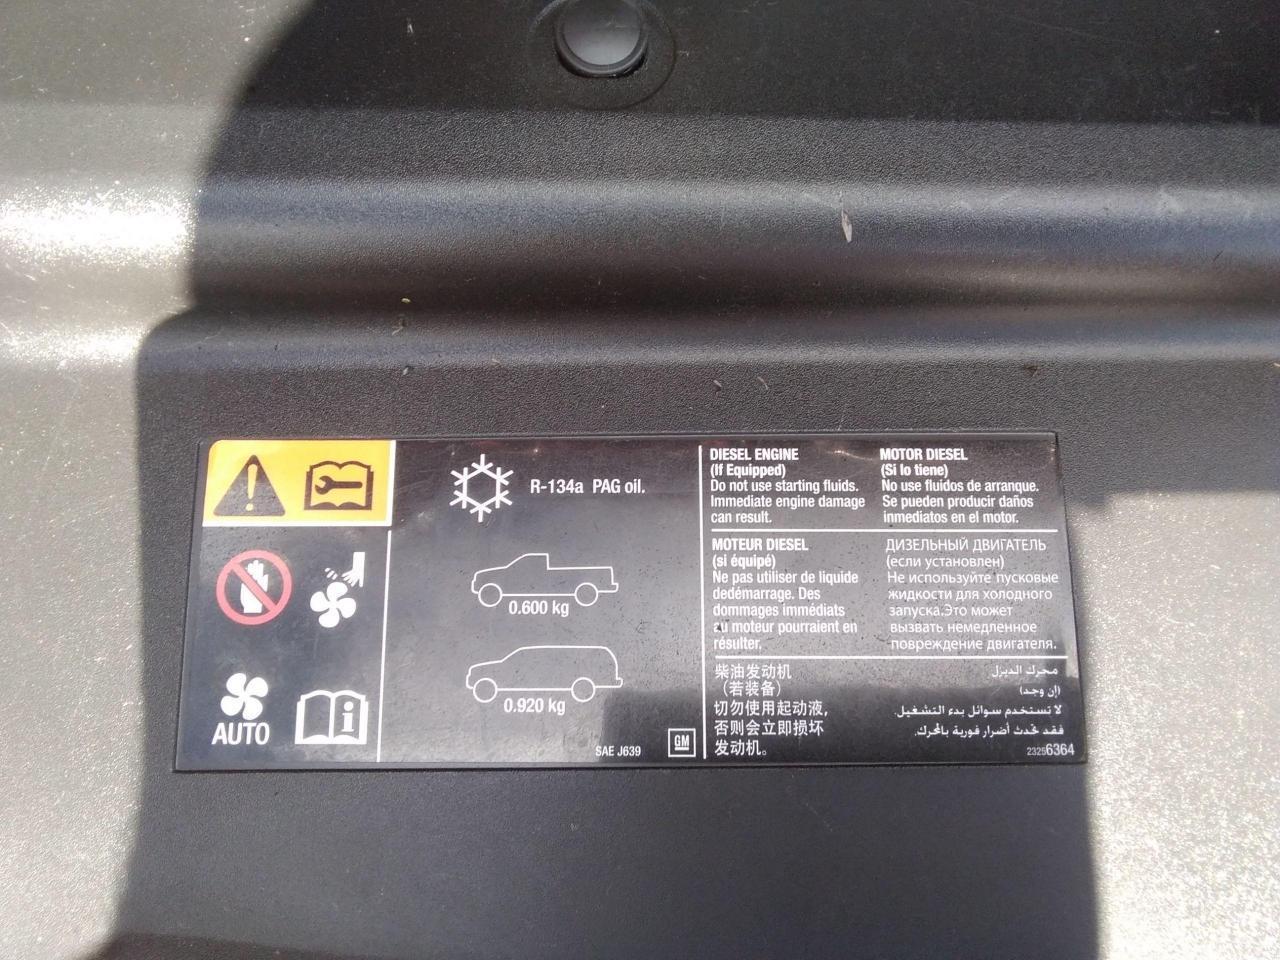 2019 GMC Sierra Z71 3500